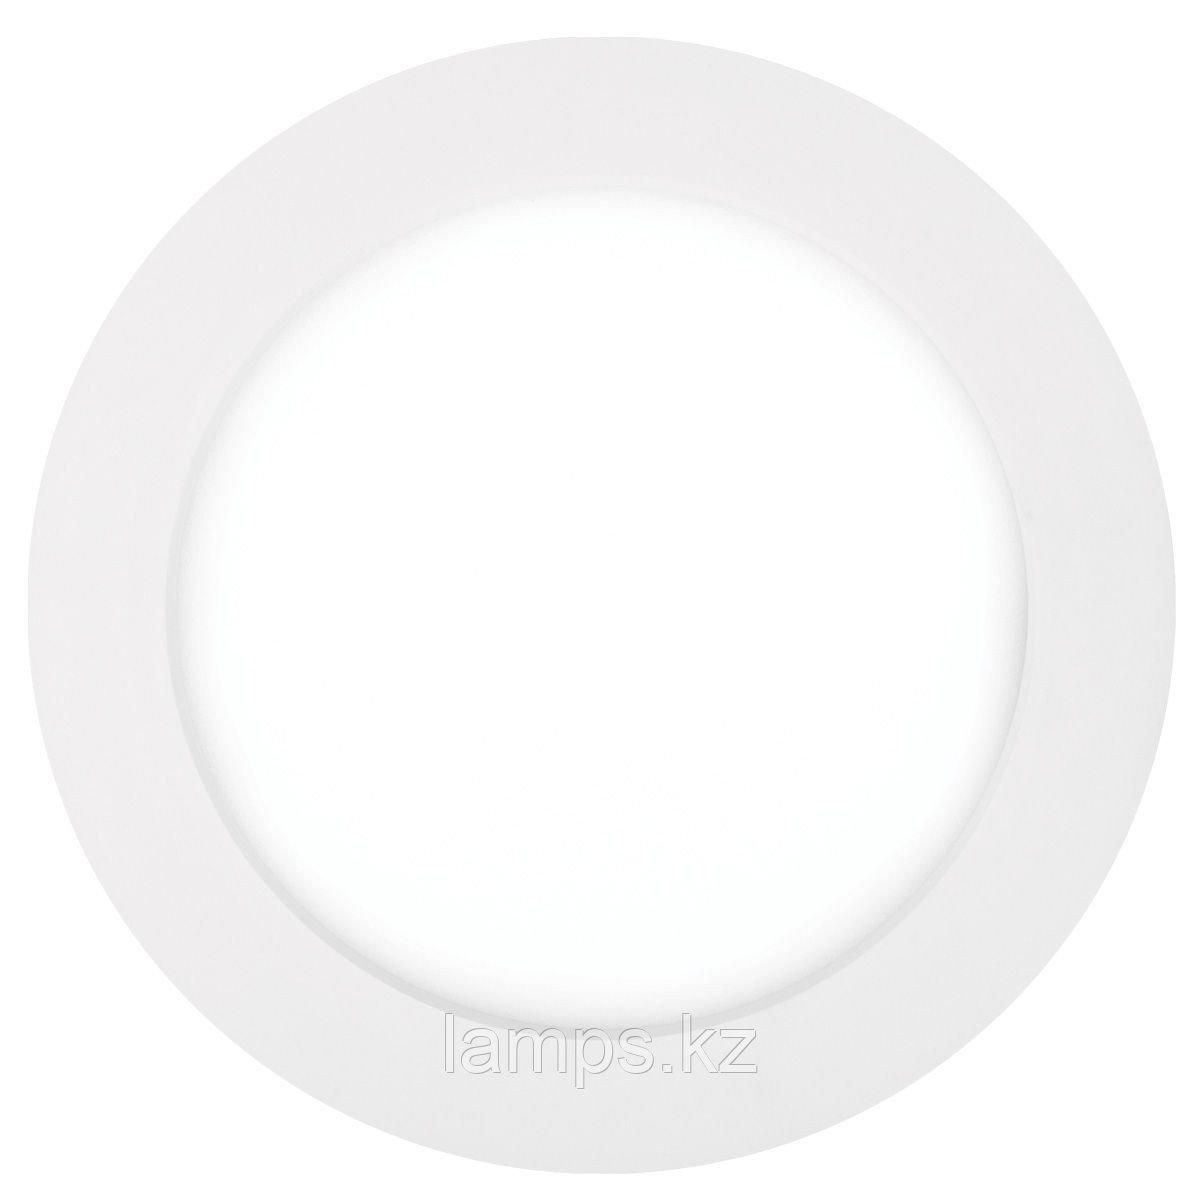 Панель светодиодная, круглая, белая, встраиваемая, потолочная DL LED ROUND PANEL 18W 4500K